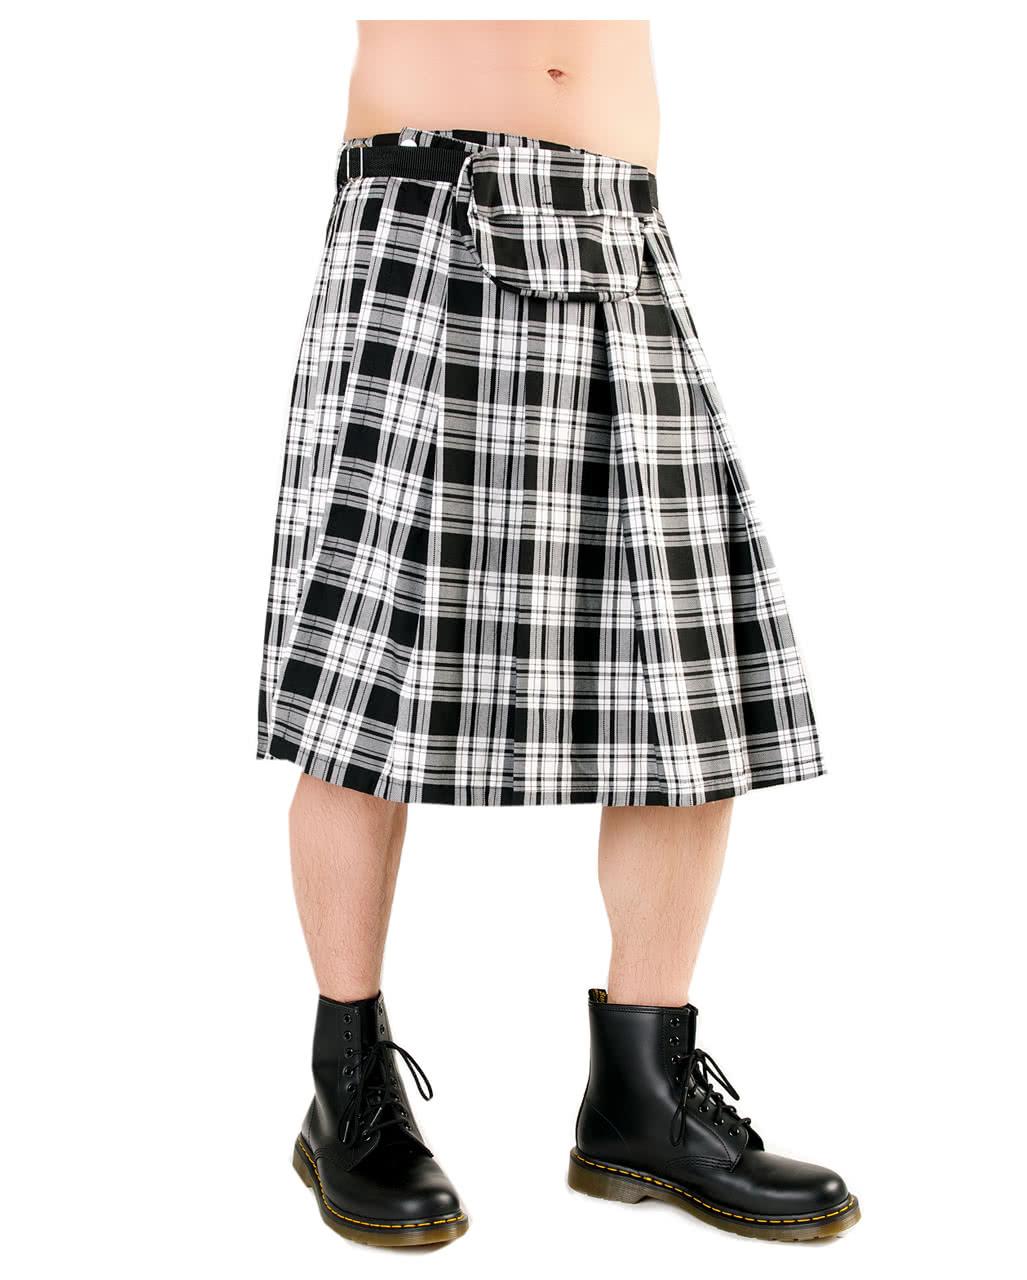 4874feee2 Short Kilt Black Pistol Tartan black / white to buy | horror-shop.com